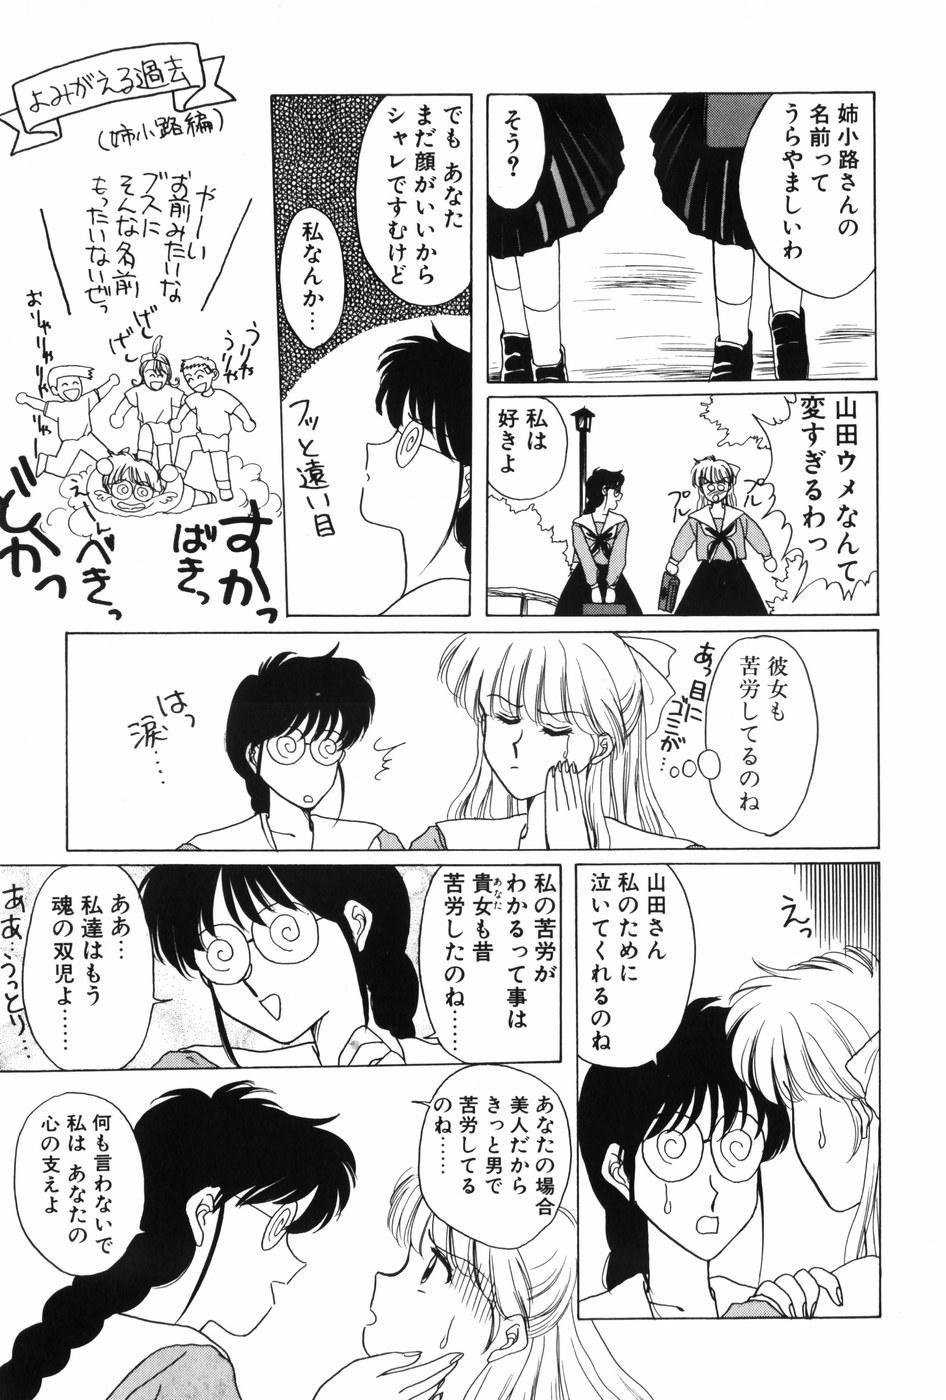 Himitsu no Houkago 14